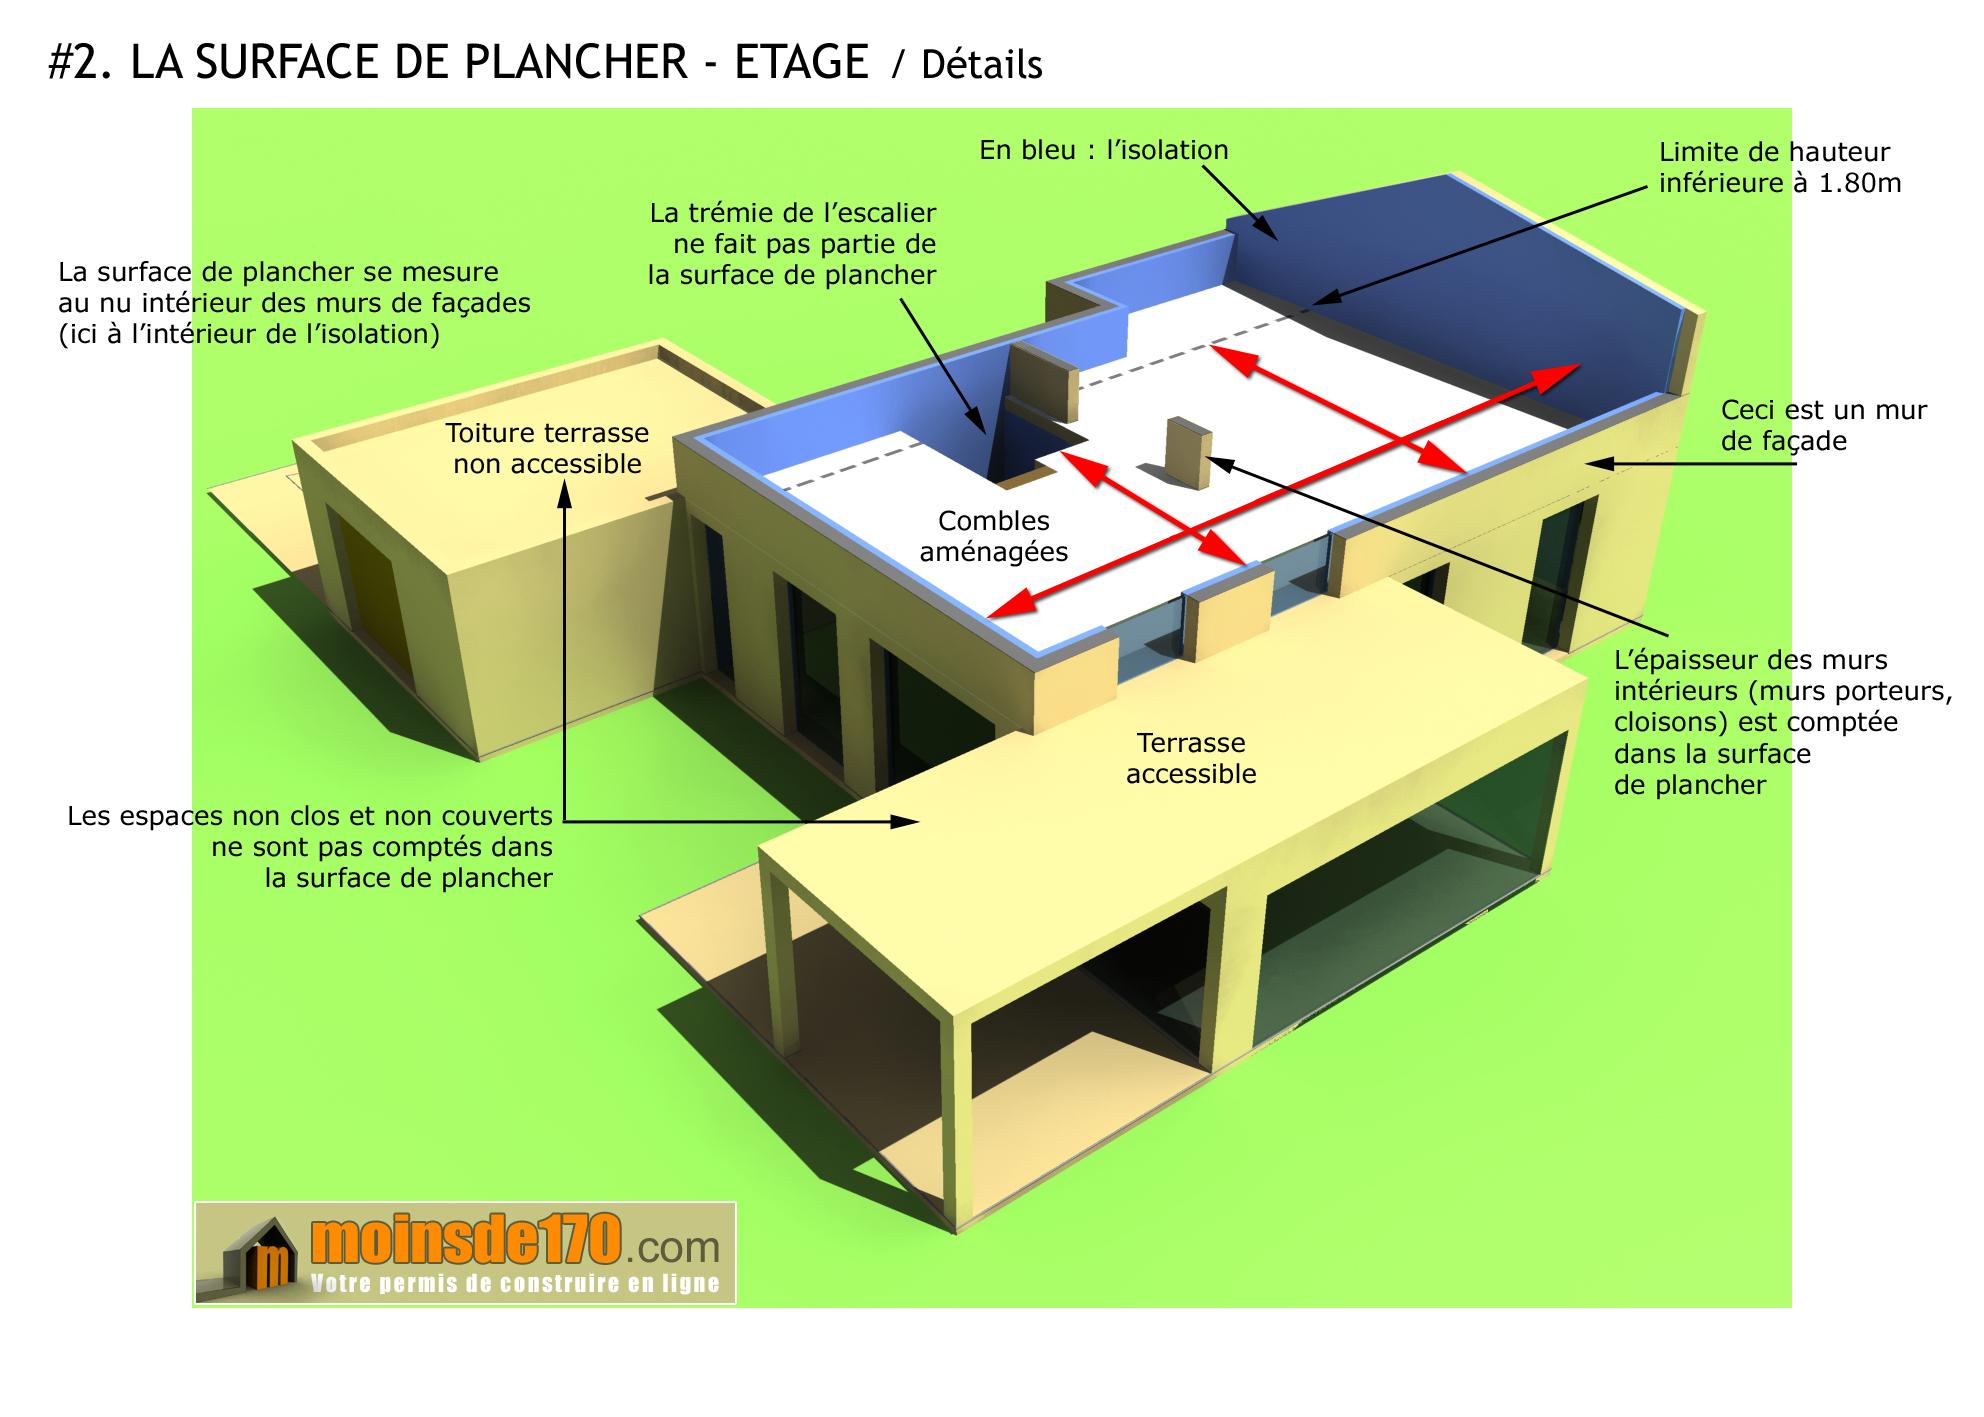 Terrasse sur pilotis surface de plancher